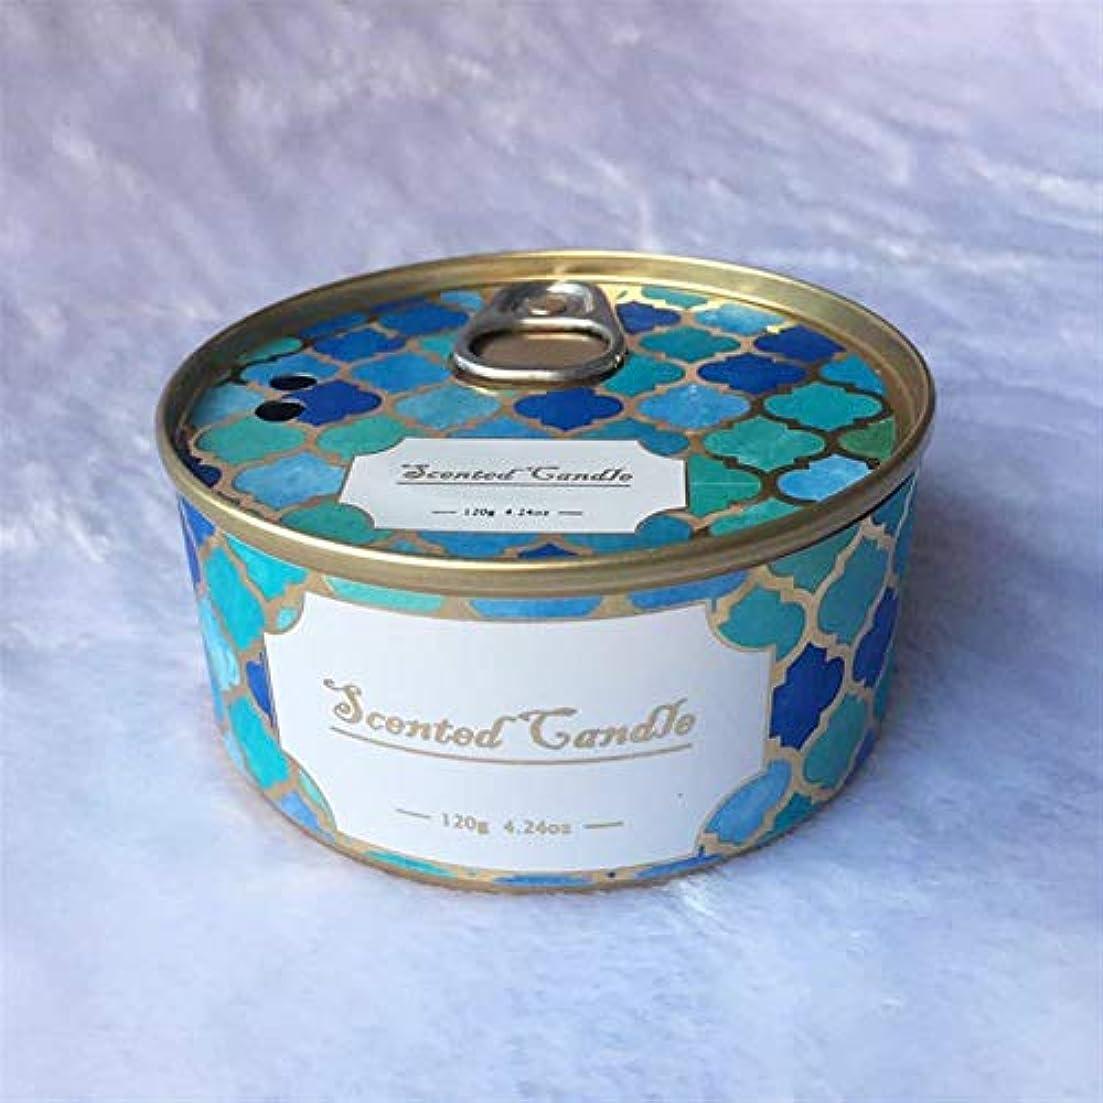 アラームレンド滝Guomao ブリキ缶植物エッセンシャルオイルハイエンドギフト大豆ワックスモスオーキッド香りのキャンドル (色 : Moss)